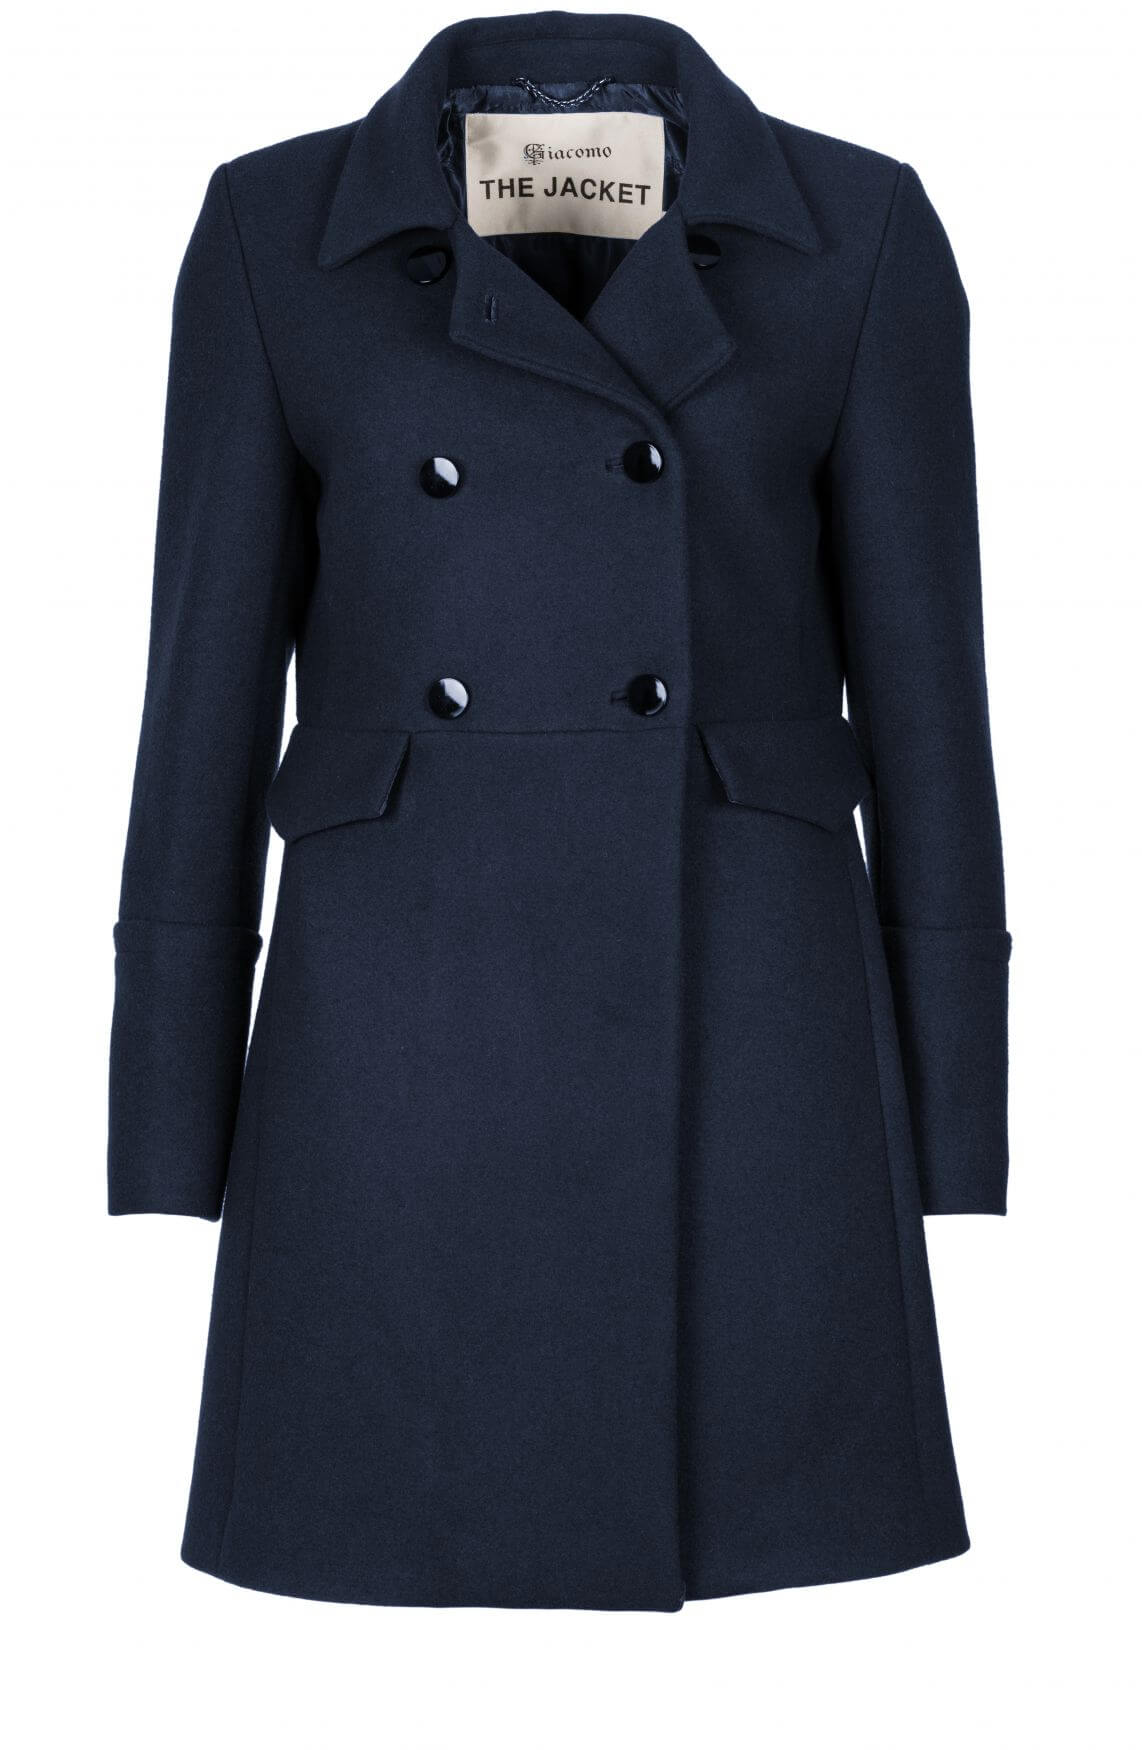 Giacomo Dames Wollen mantel Blauw | Anna van Toor